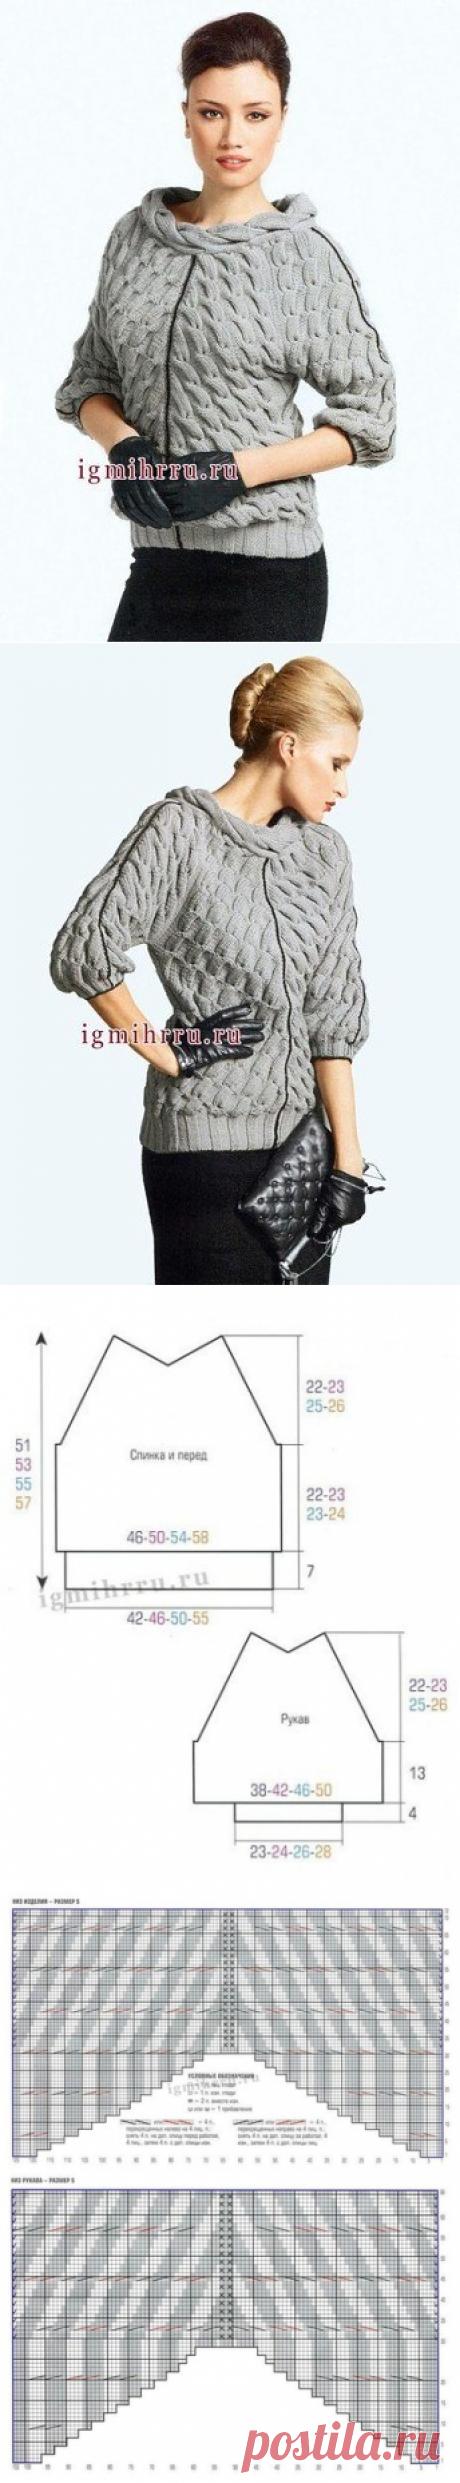 Элегантный пуловер Изысканный фасон, необычные узоры, модный рукав 3/4, декор ворота.  Женщина в таком наряде – просто воплощение шика и стиля!